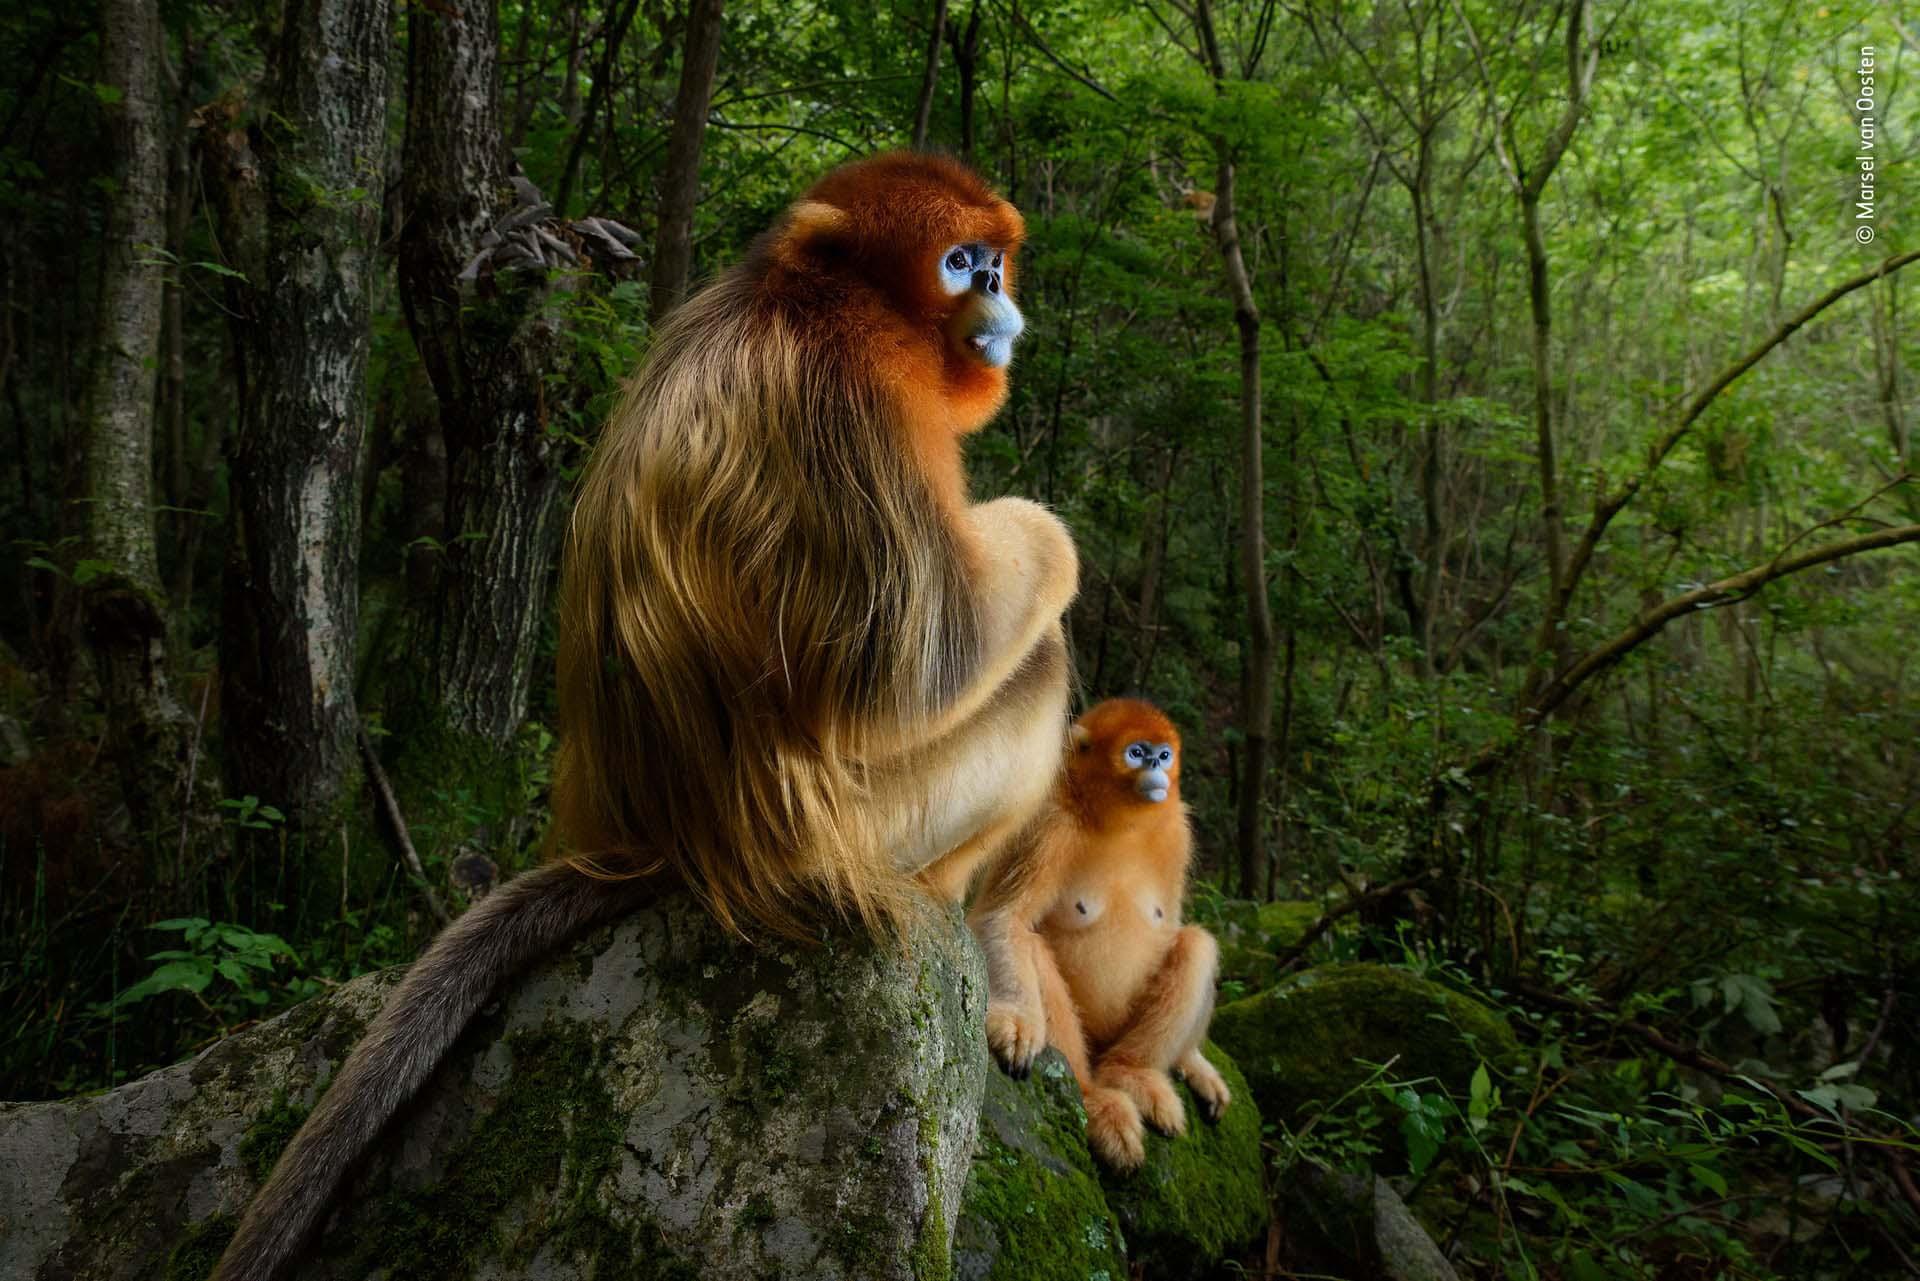 'La pareja de oro': Fotografía ganadora en la categoría Animal Portraits y galardonada con el primer premio absoluto de la competición. Un par de langures chatos dorados de la subespecie endémica de las montañas Qinling- en riesgo de extinción- descansa entre árboles